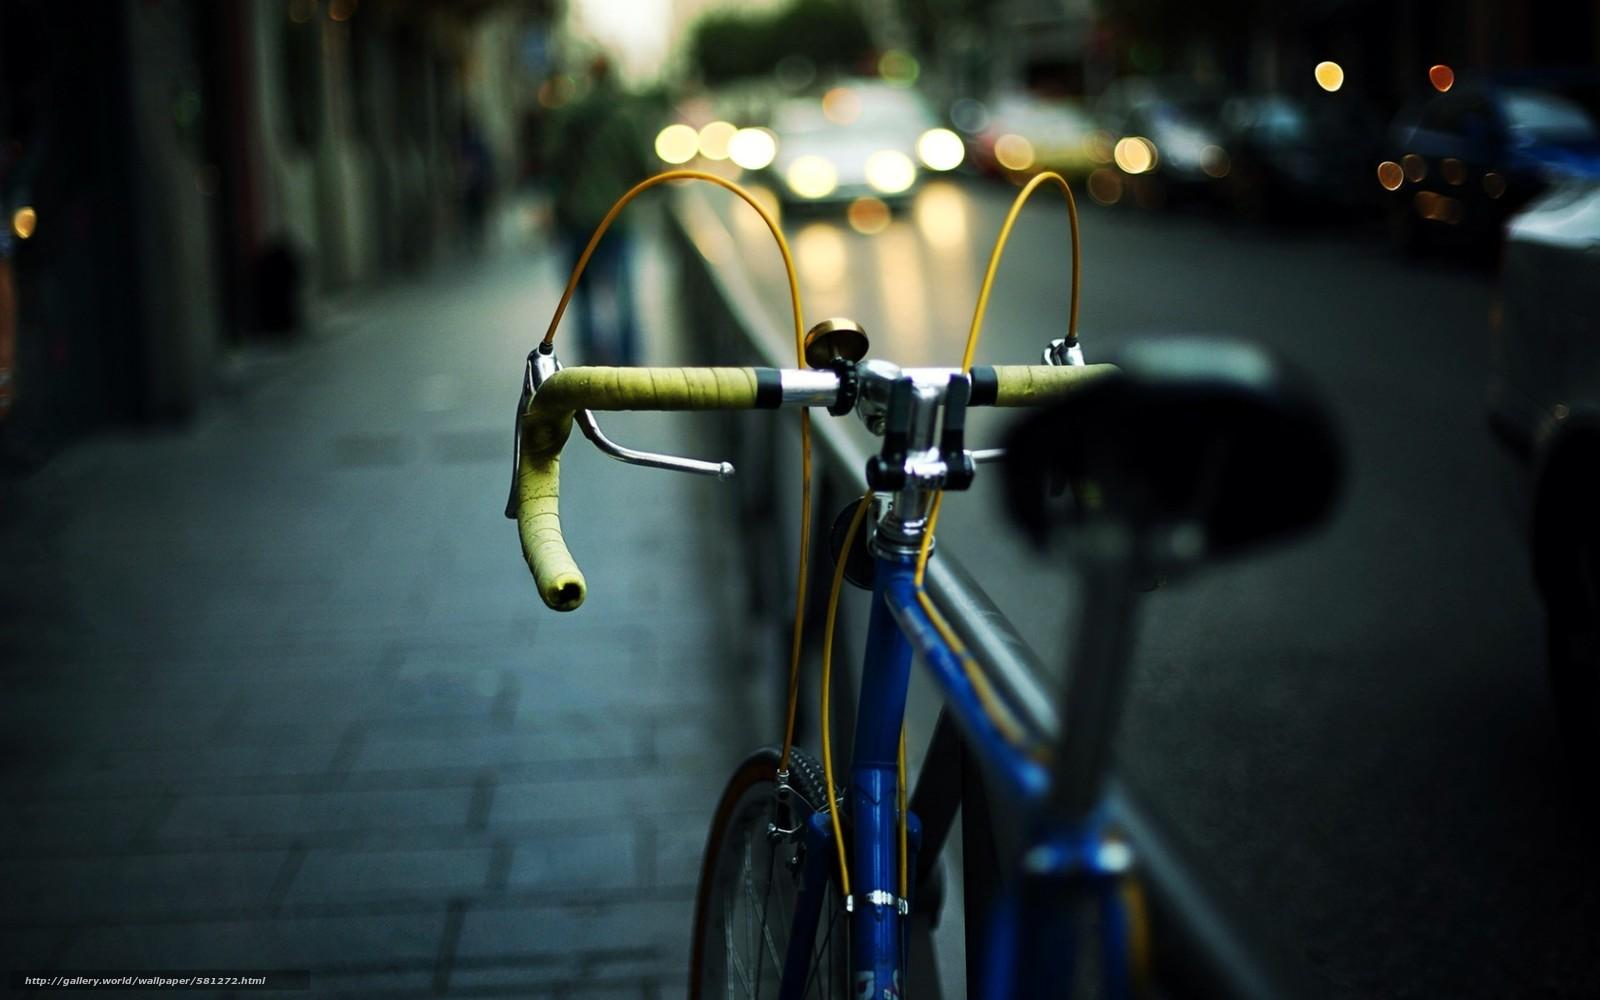 royal distributing bike night № 103460